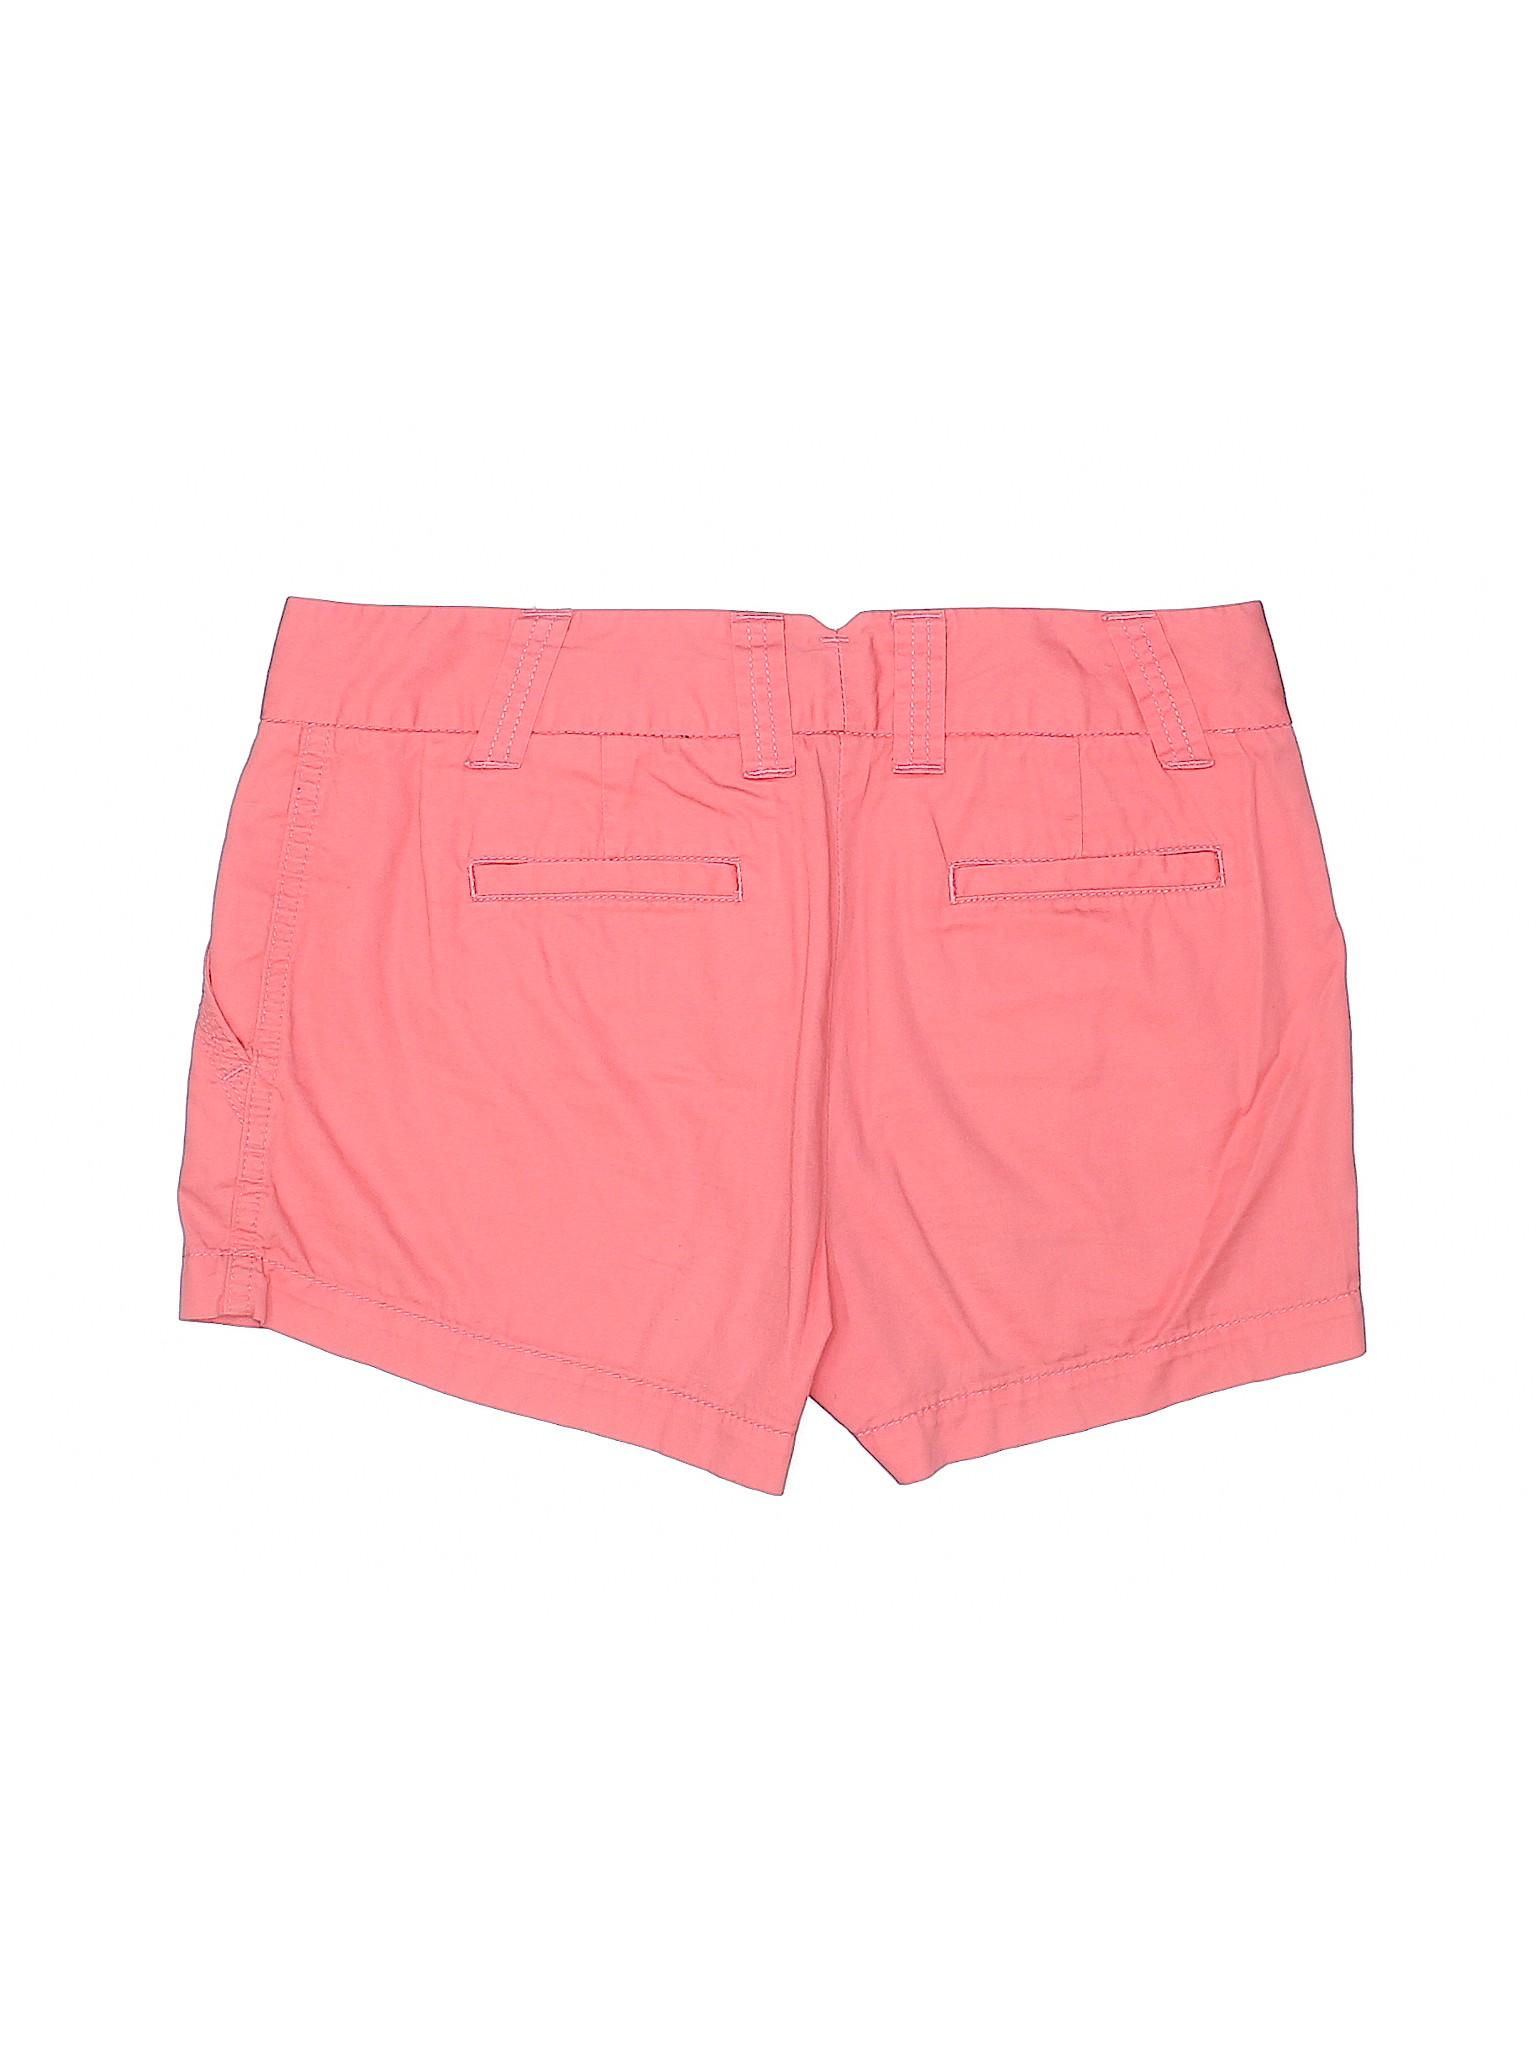 J J Boutique Boutique Shorts Crew Shorts Crew wIqU8t5cx